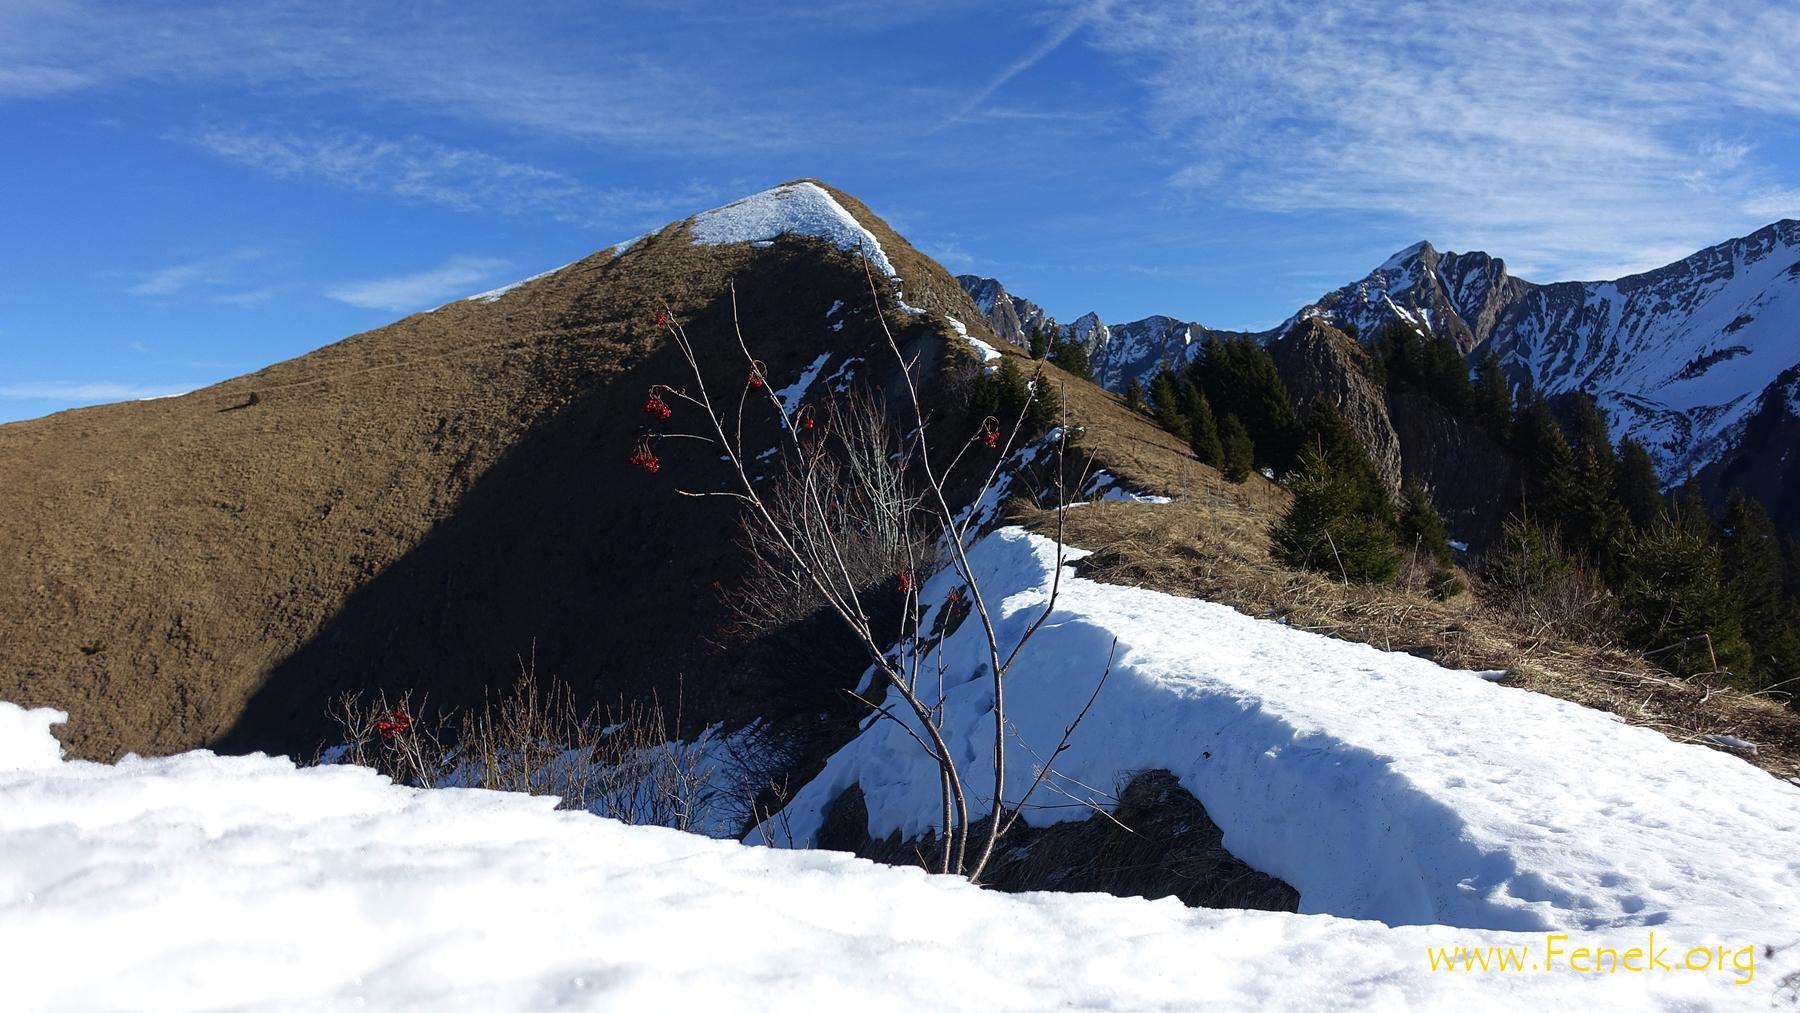 der eigentliche Gipfel ist noch 10min höher...